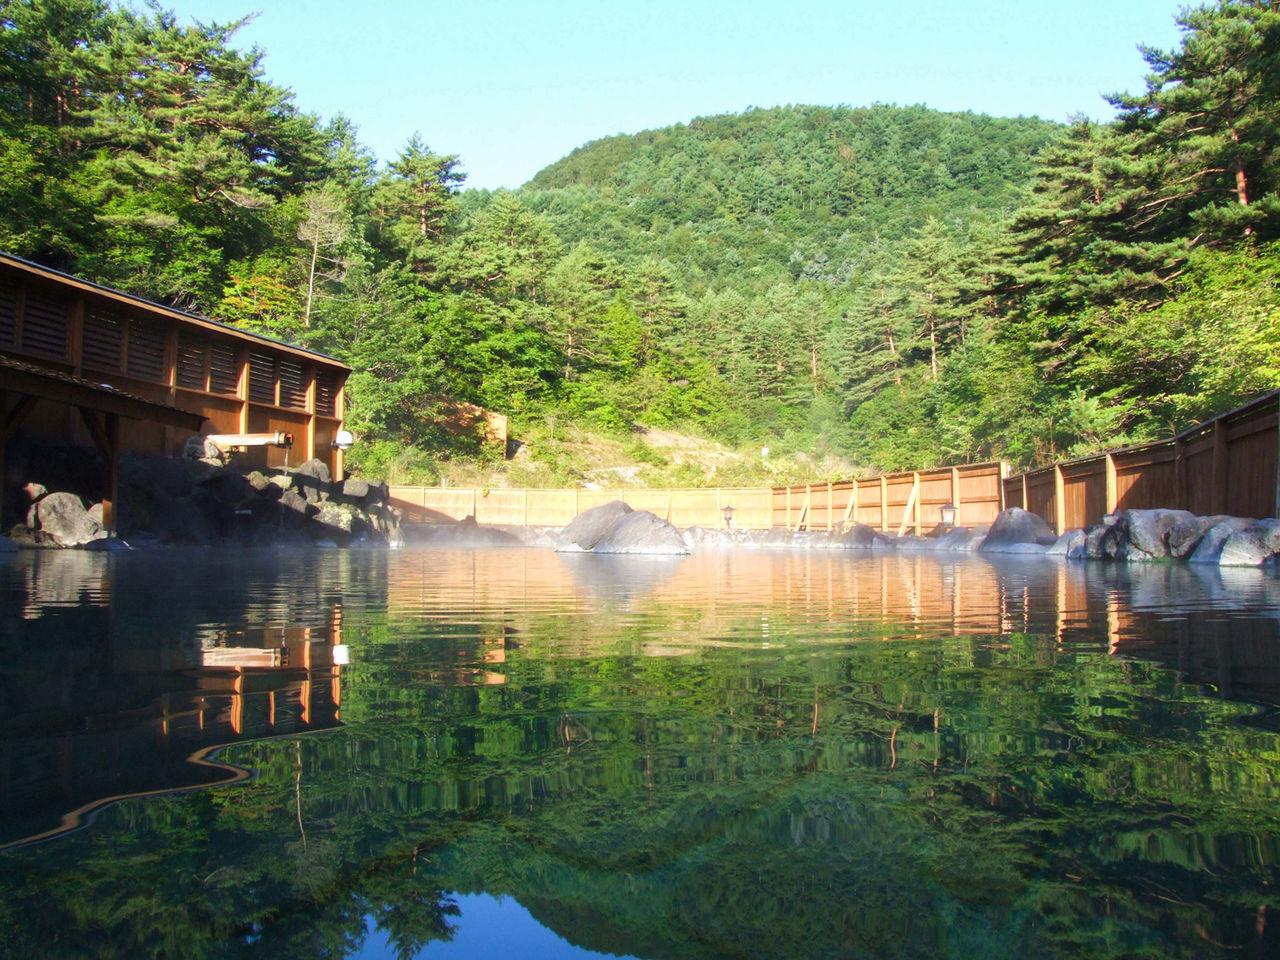 Просторная ванна под открытым небом Сай-но-кавара